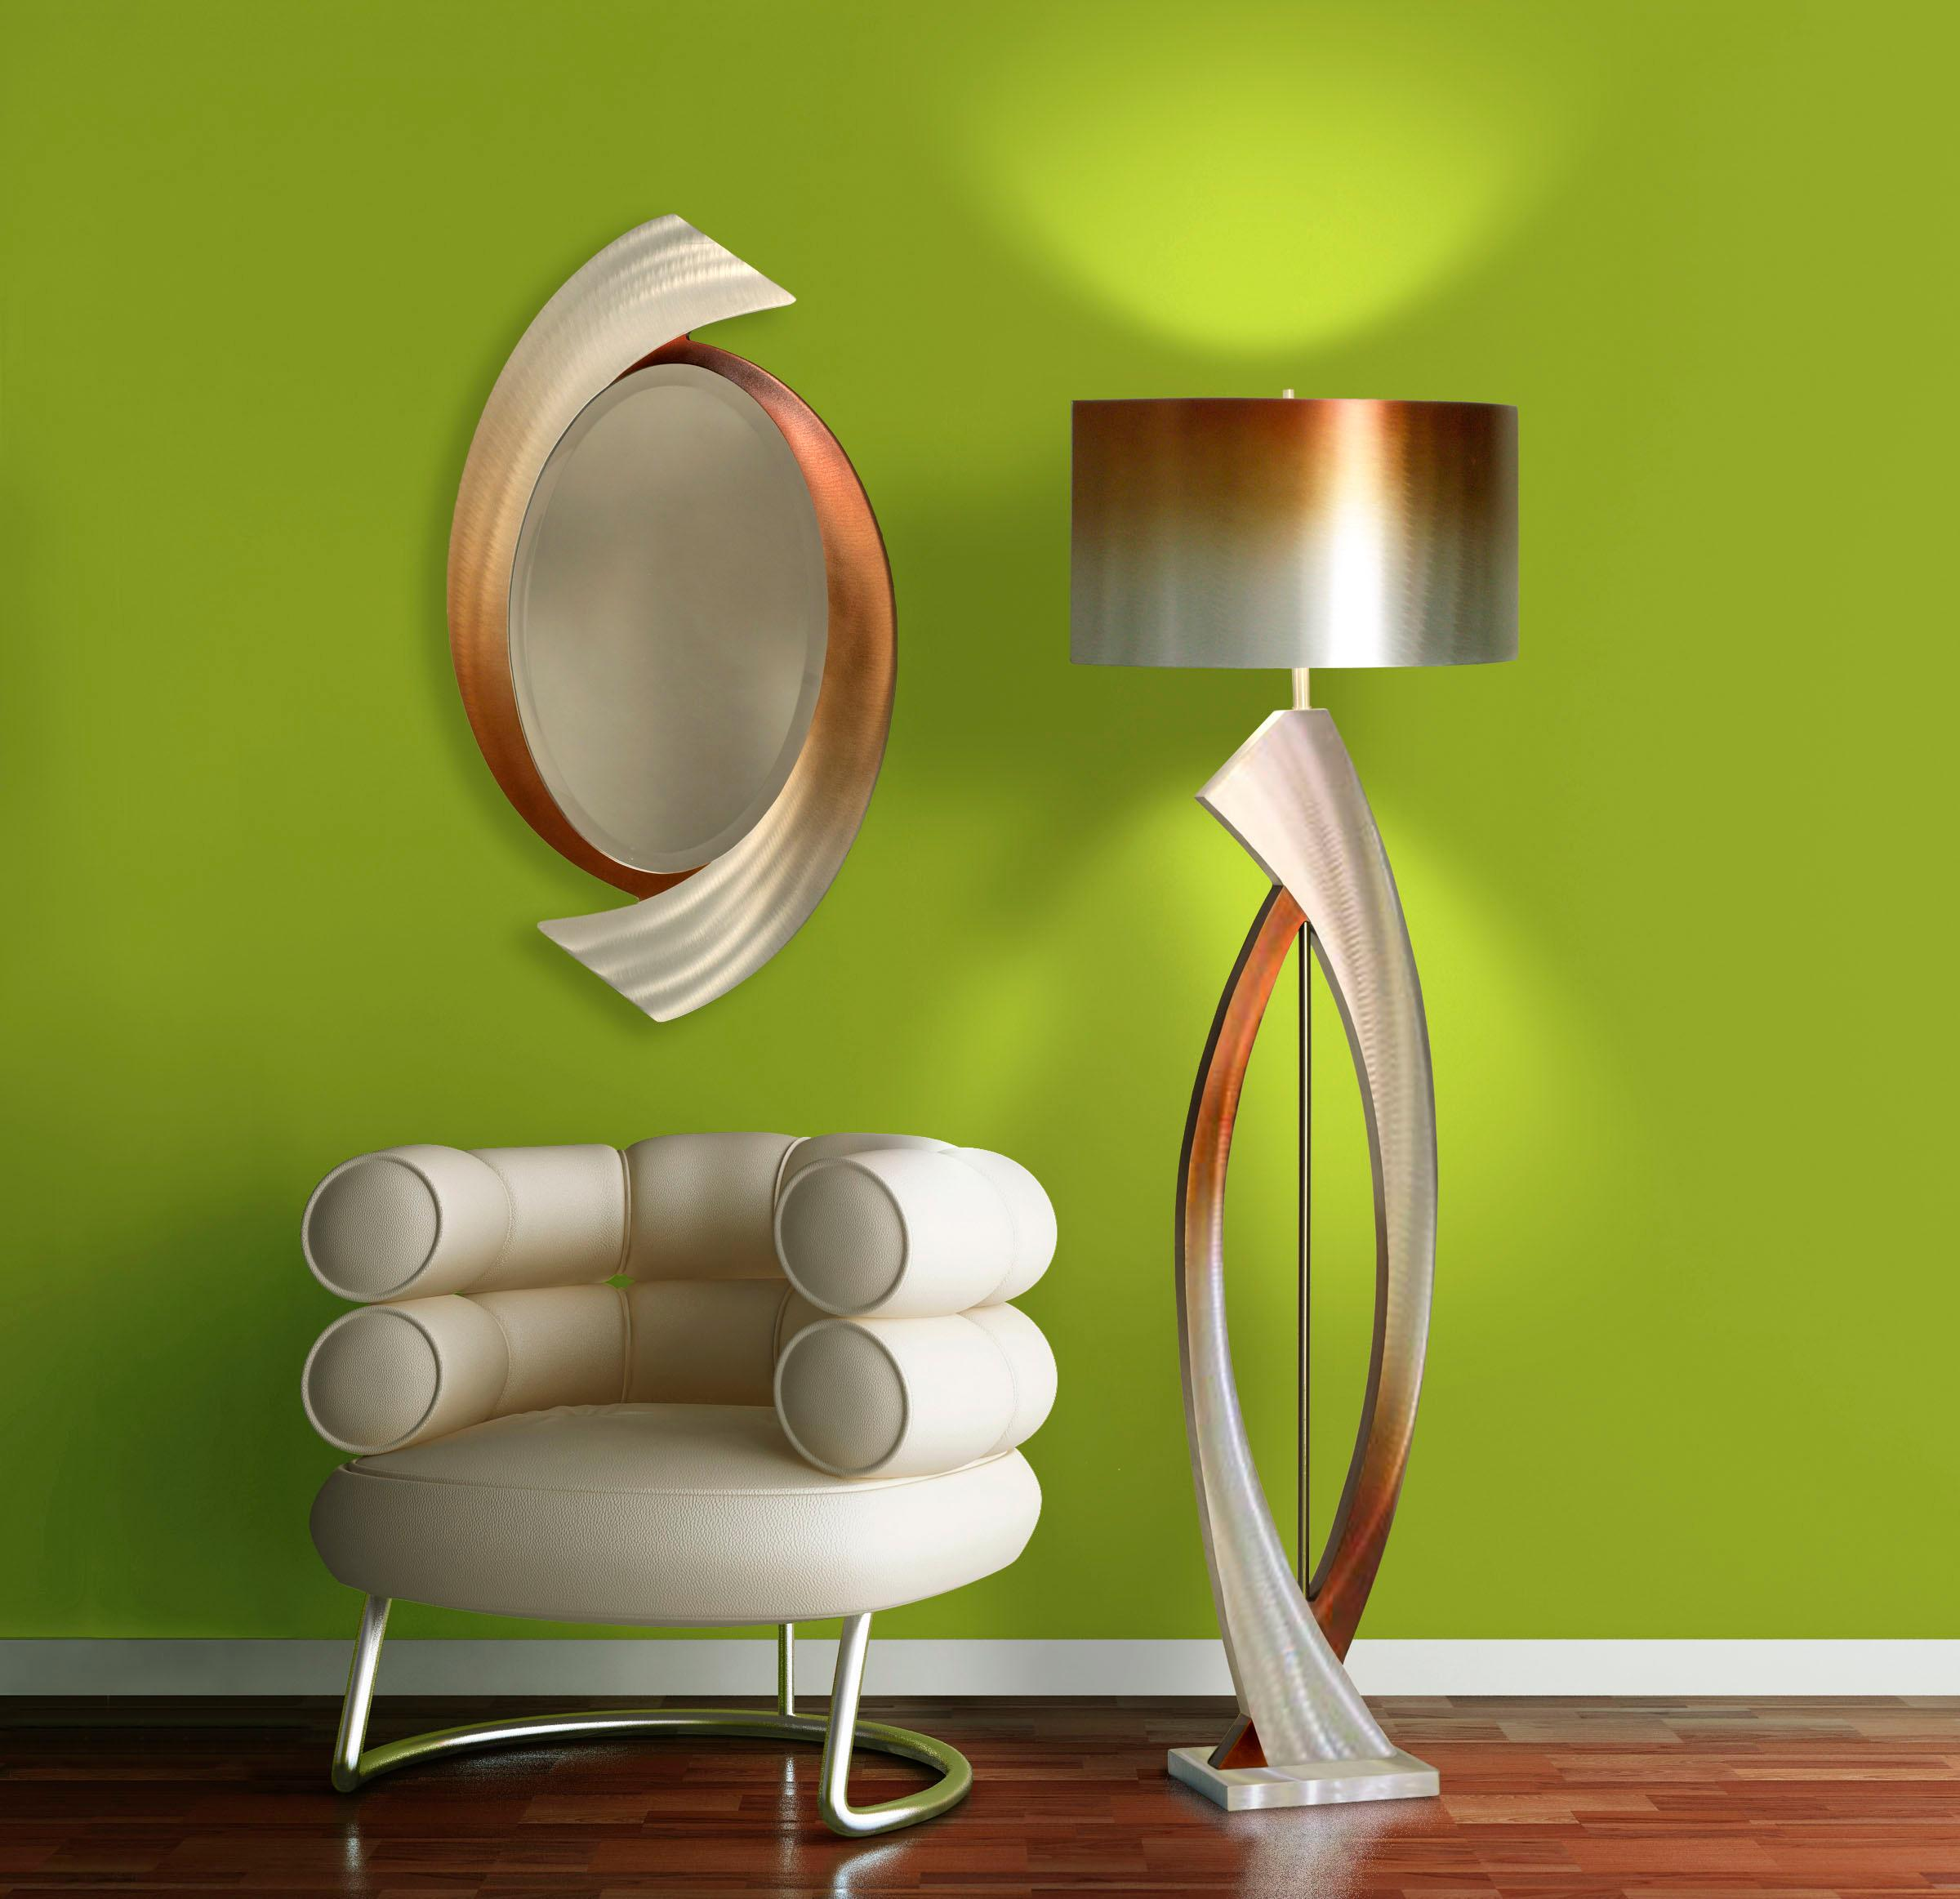 Nova Lighting Jfl4810 Swerve Floor Lamp Rust Bronze